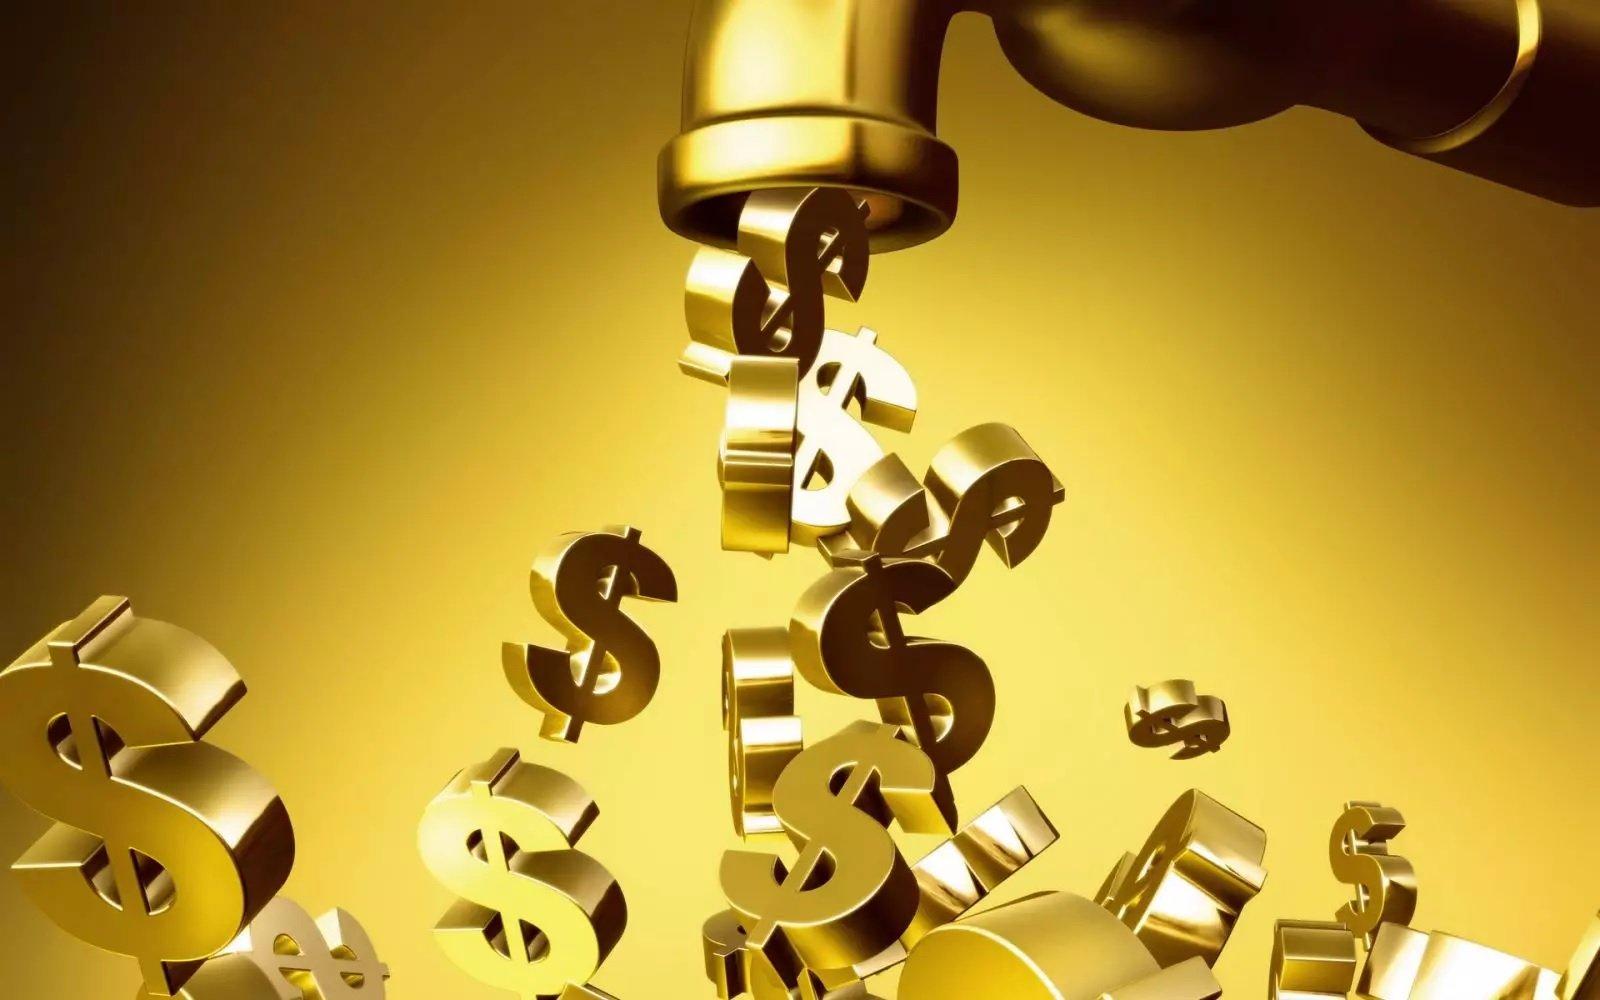 Грошей буде багато: три знака Зодіаку, на яких в червні 2020 проллється фінансовий дощ